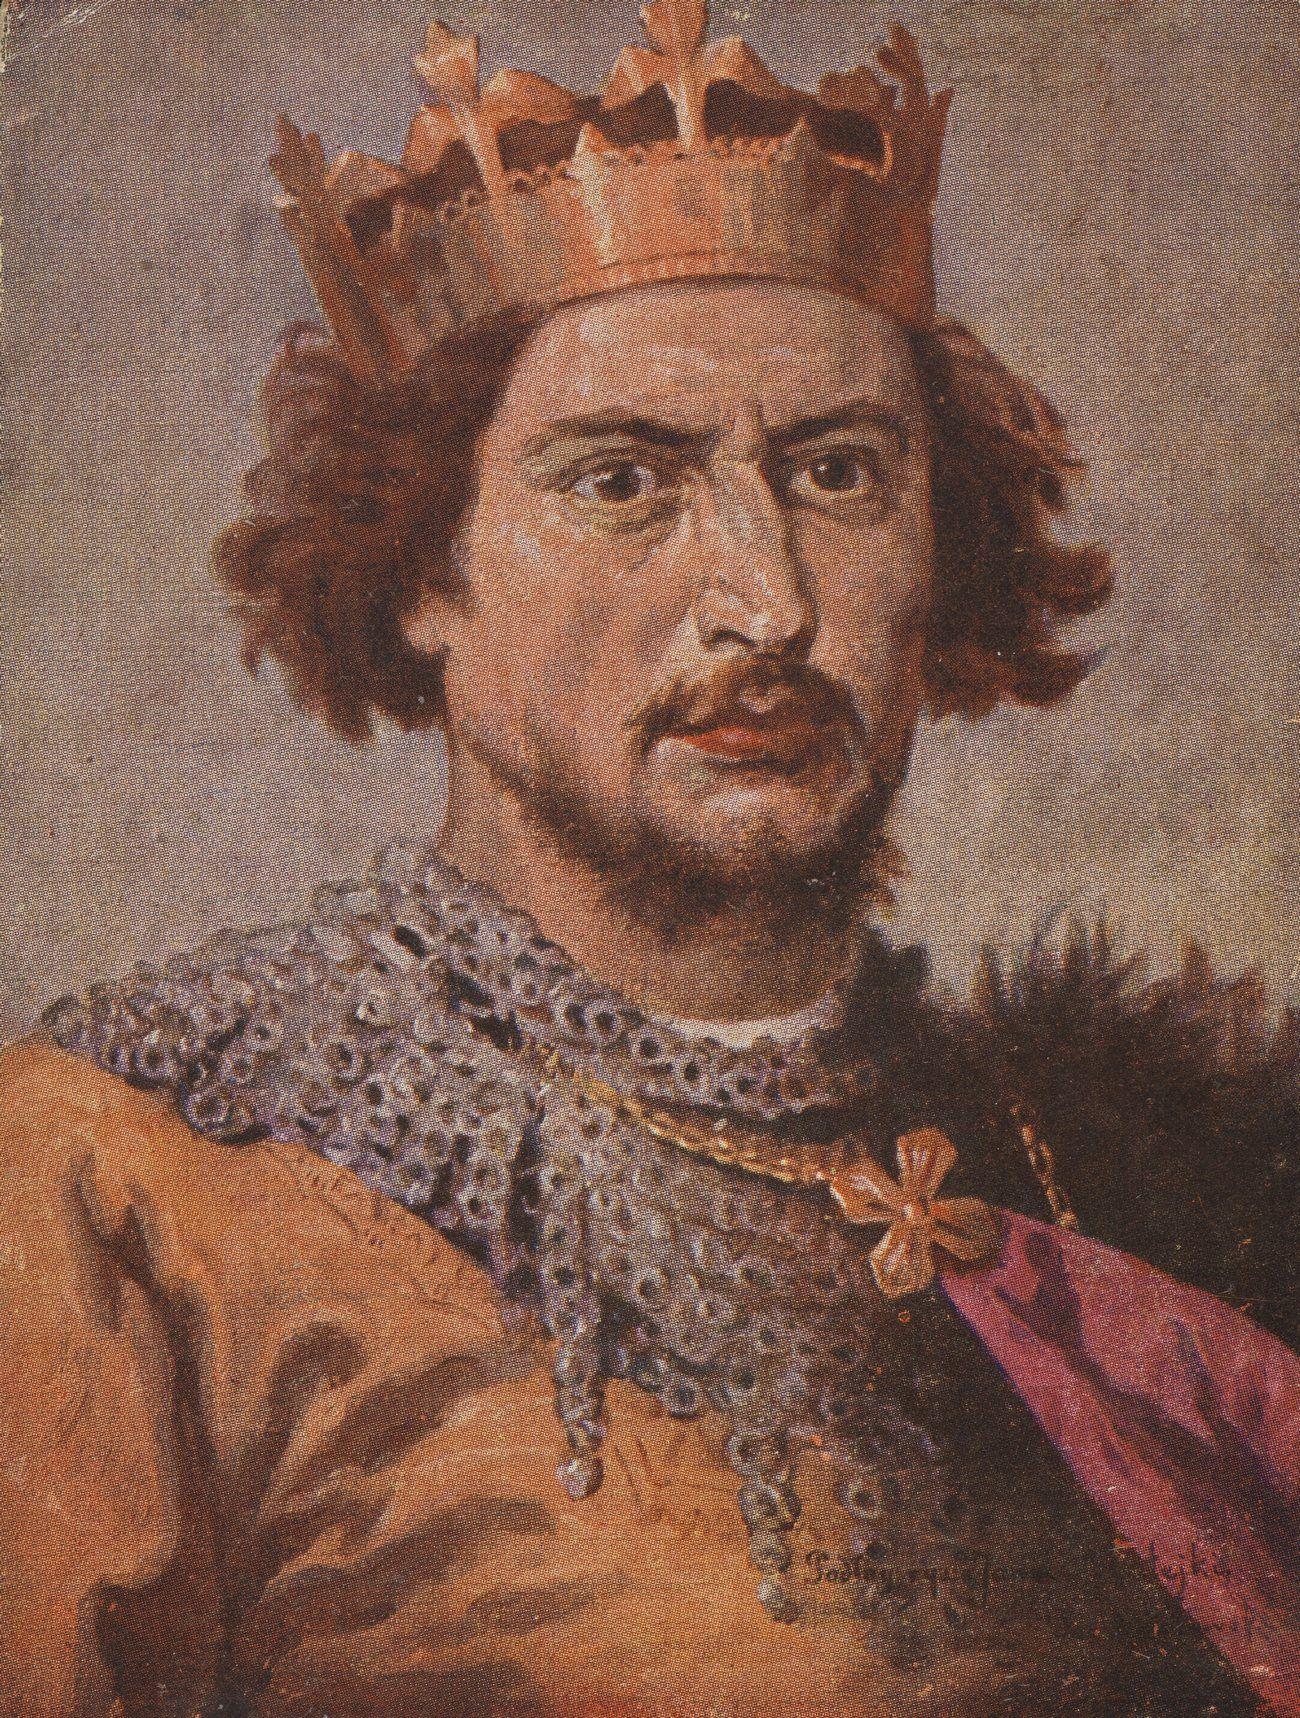 Czy Bolesław Śmiały skazał biskupa Stanisława na śmierć, bo postradał zmysły? A może chodziło o coś zupełnie innego?